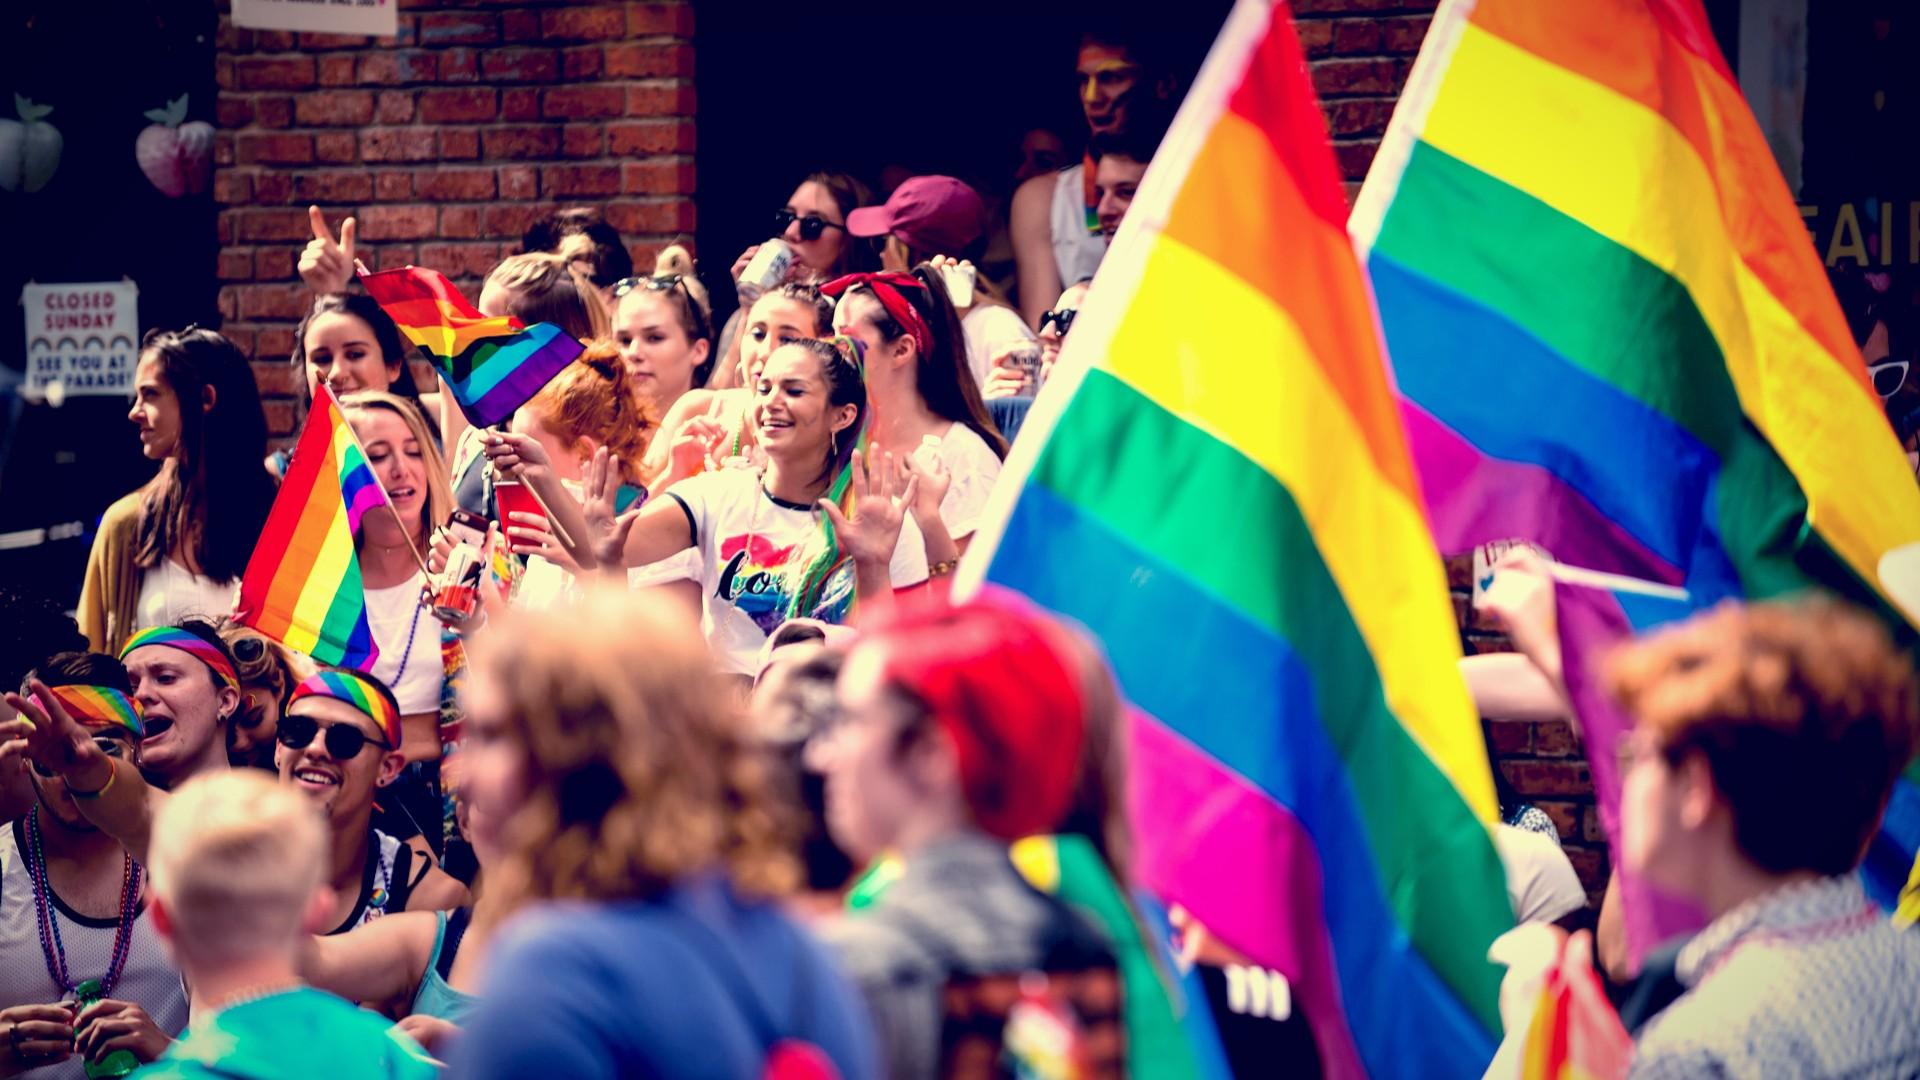 Cosa c'è da festeggiare al Pride